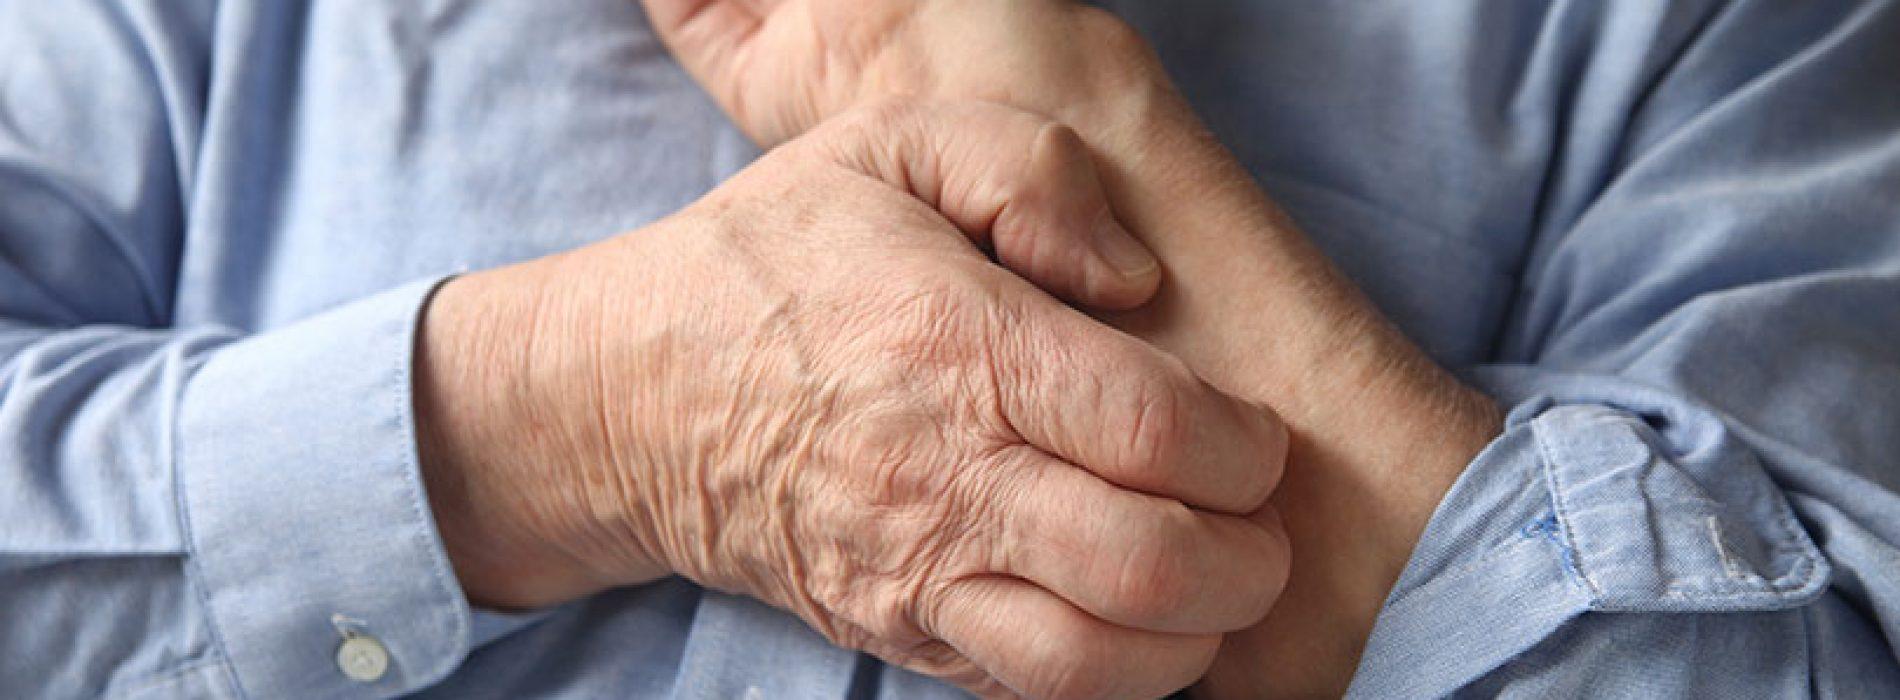 Tekenen van artritis waar u op moet letten en wat u vervolgens moet doen